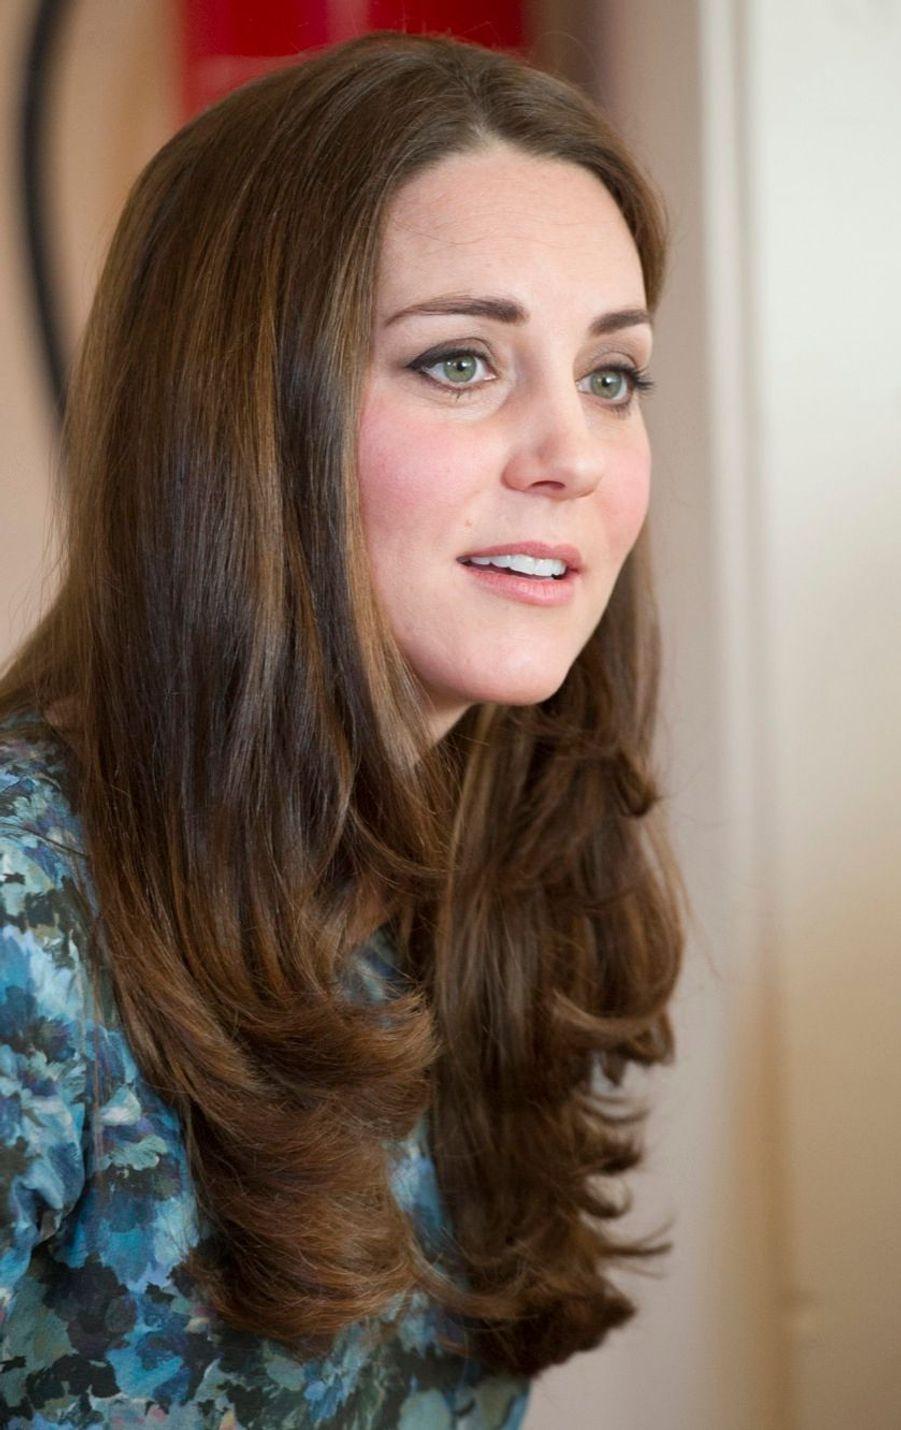 38 La Duchesse De Cambridge, Née Kate Middleton, En Visite À Kensington